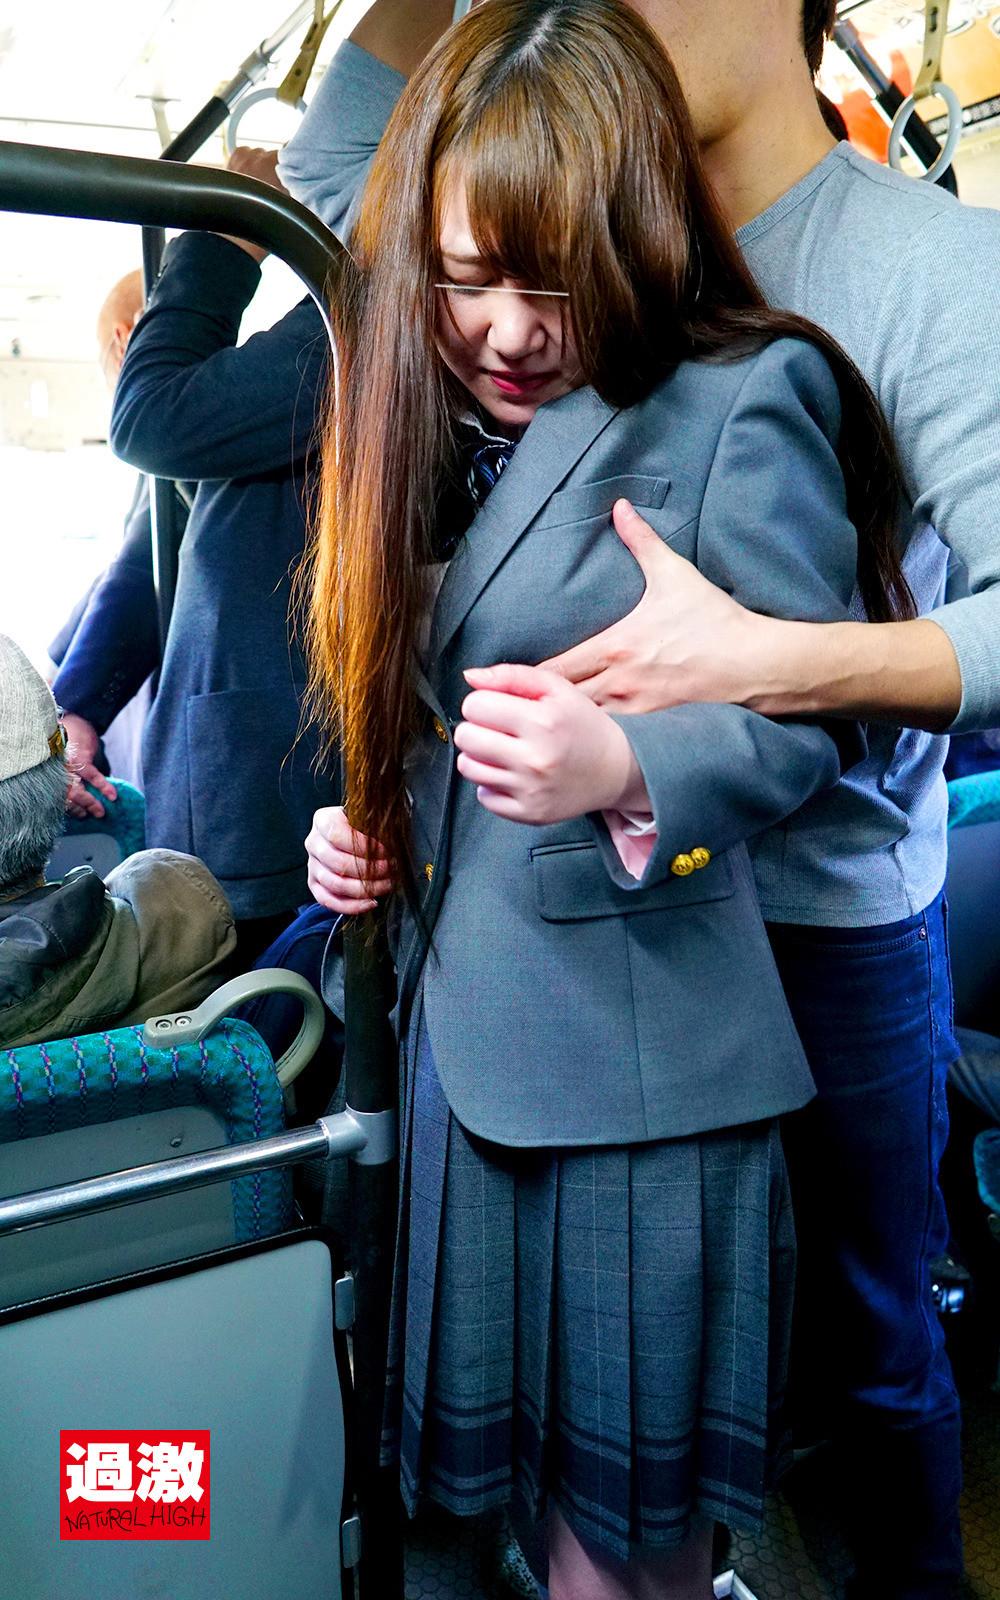 満員バスで背後から制服越しにねっとり乳揉み痴漢され腰をクネらせ感じまくる巨乳女子○生 10 画像6